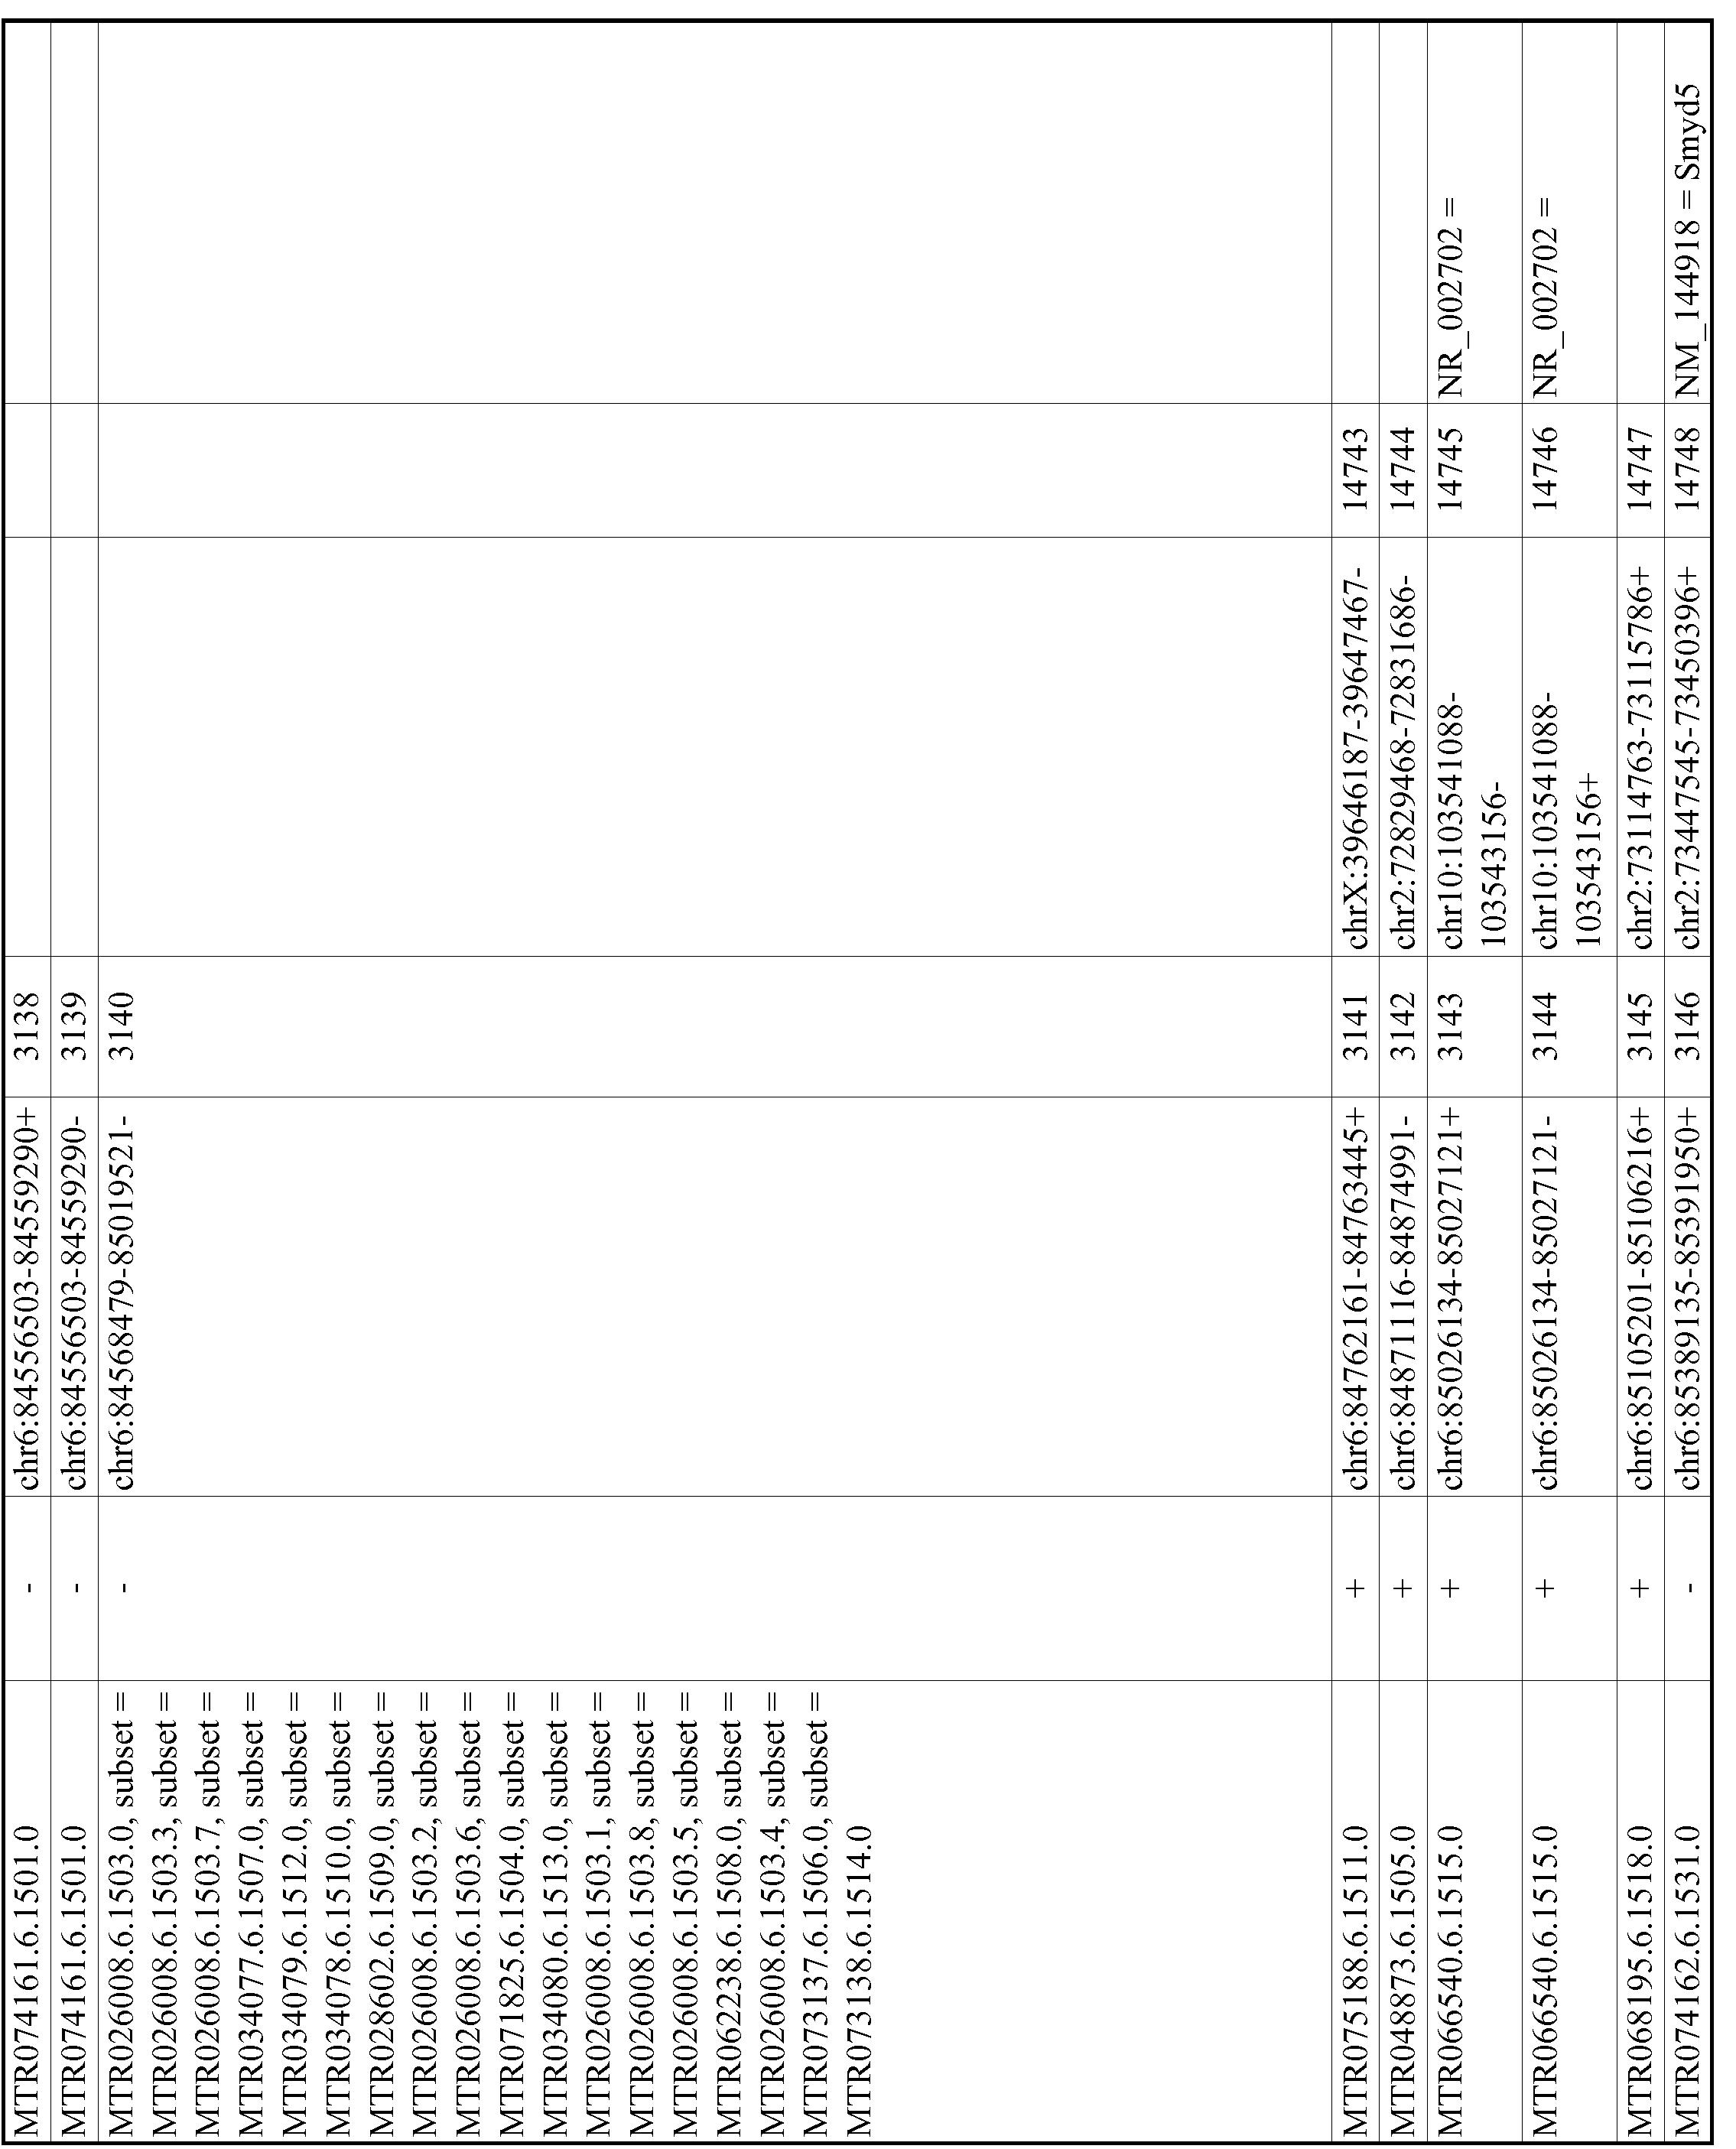 Figure imgf000625_0001